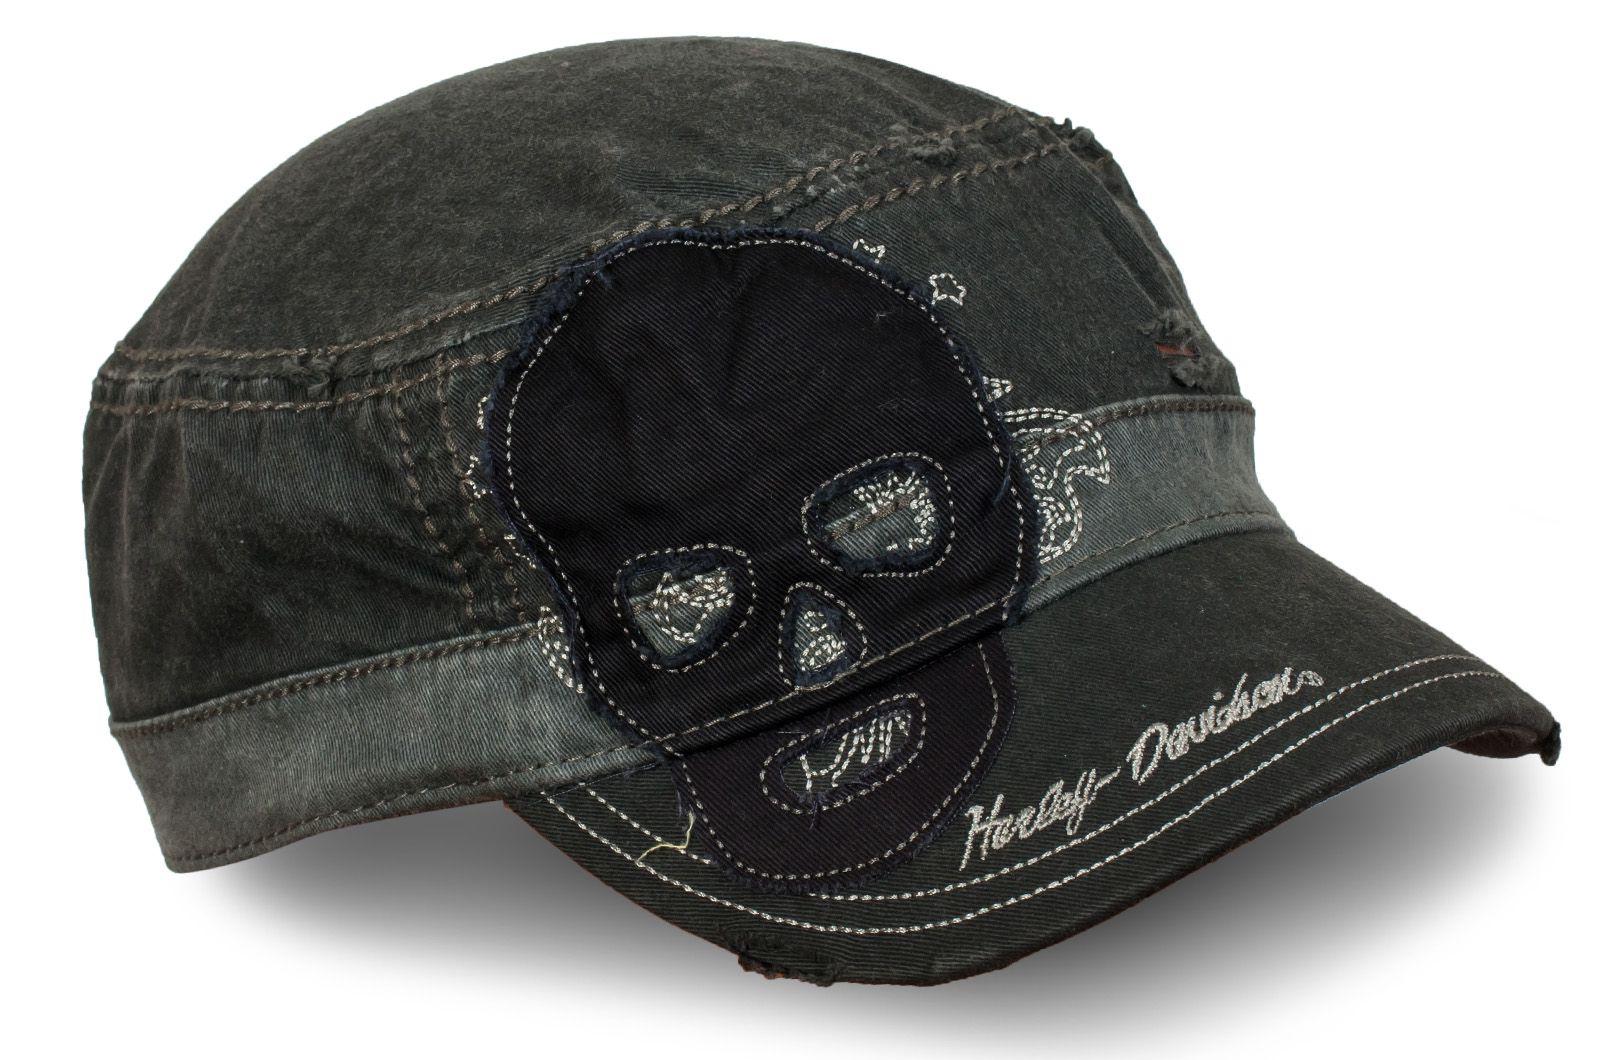 Состаренная кепка Harley-Davidson